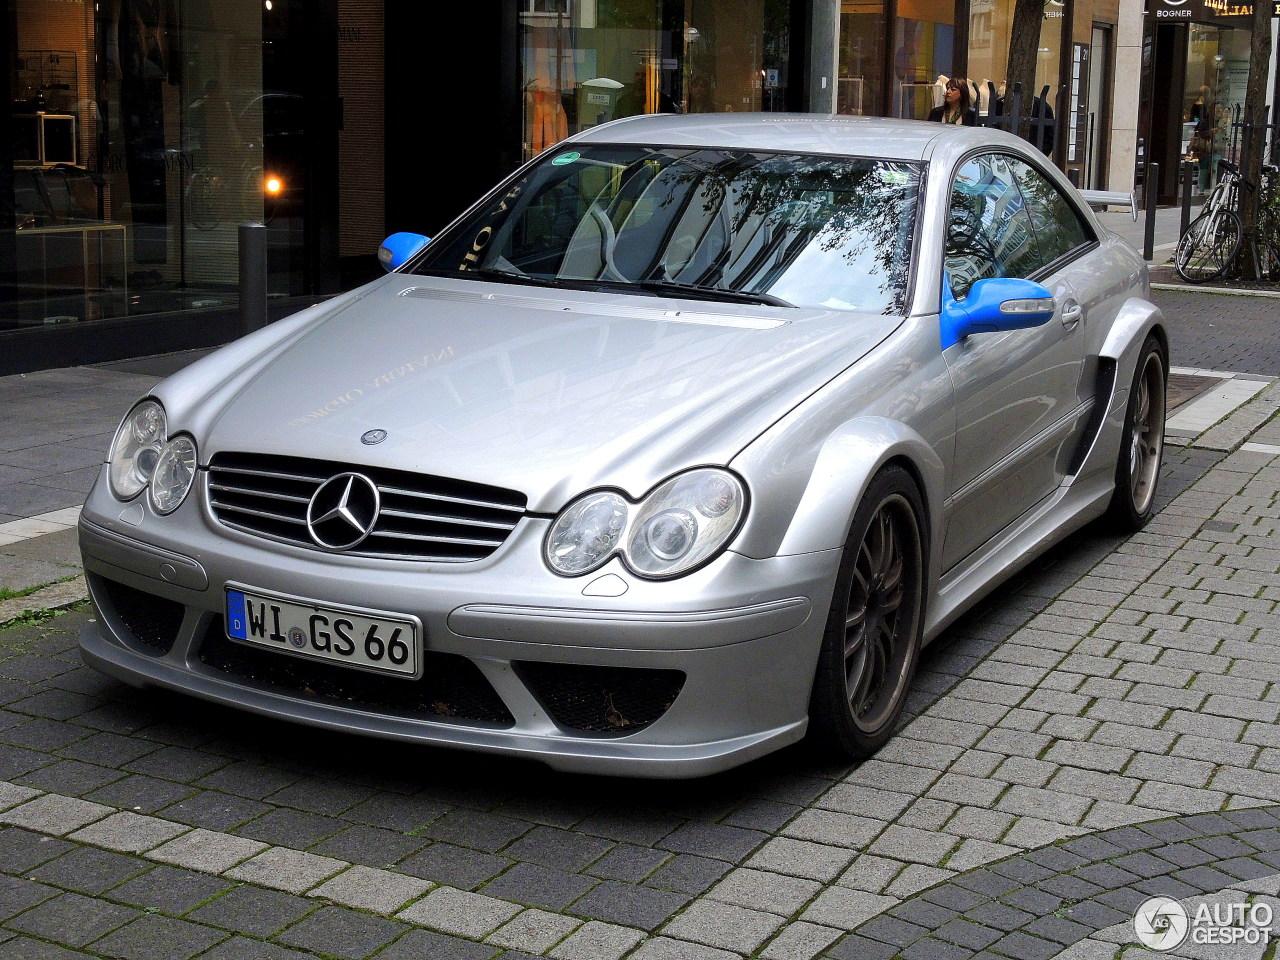 Mercedes benz clk dtm amg 7 december 2014 autogespot for Mercedes benz clk dtm